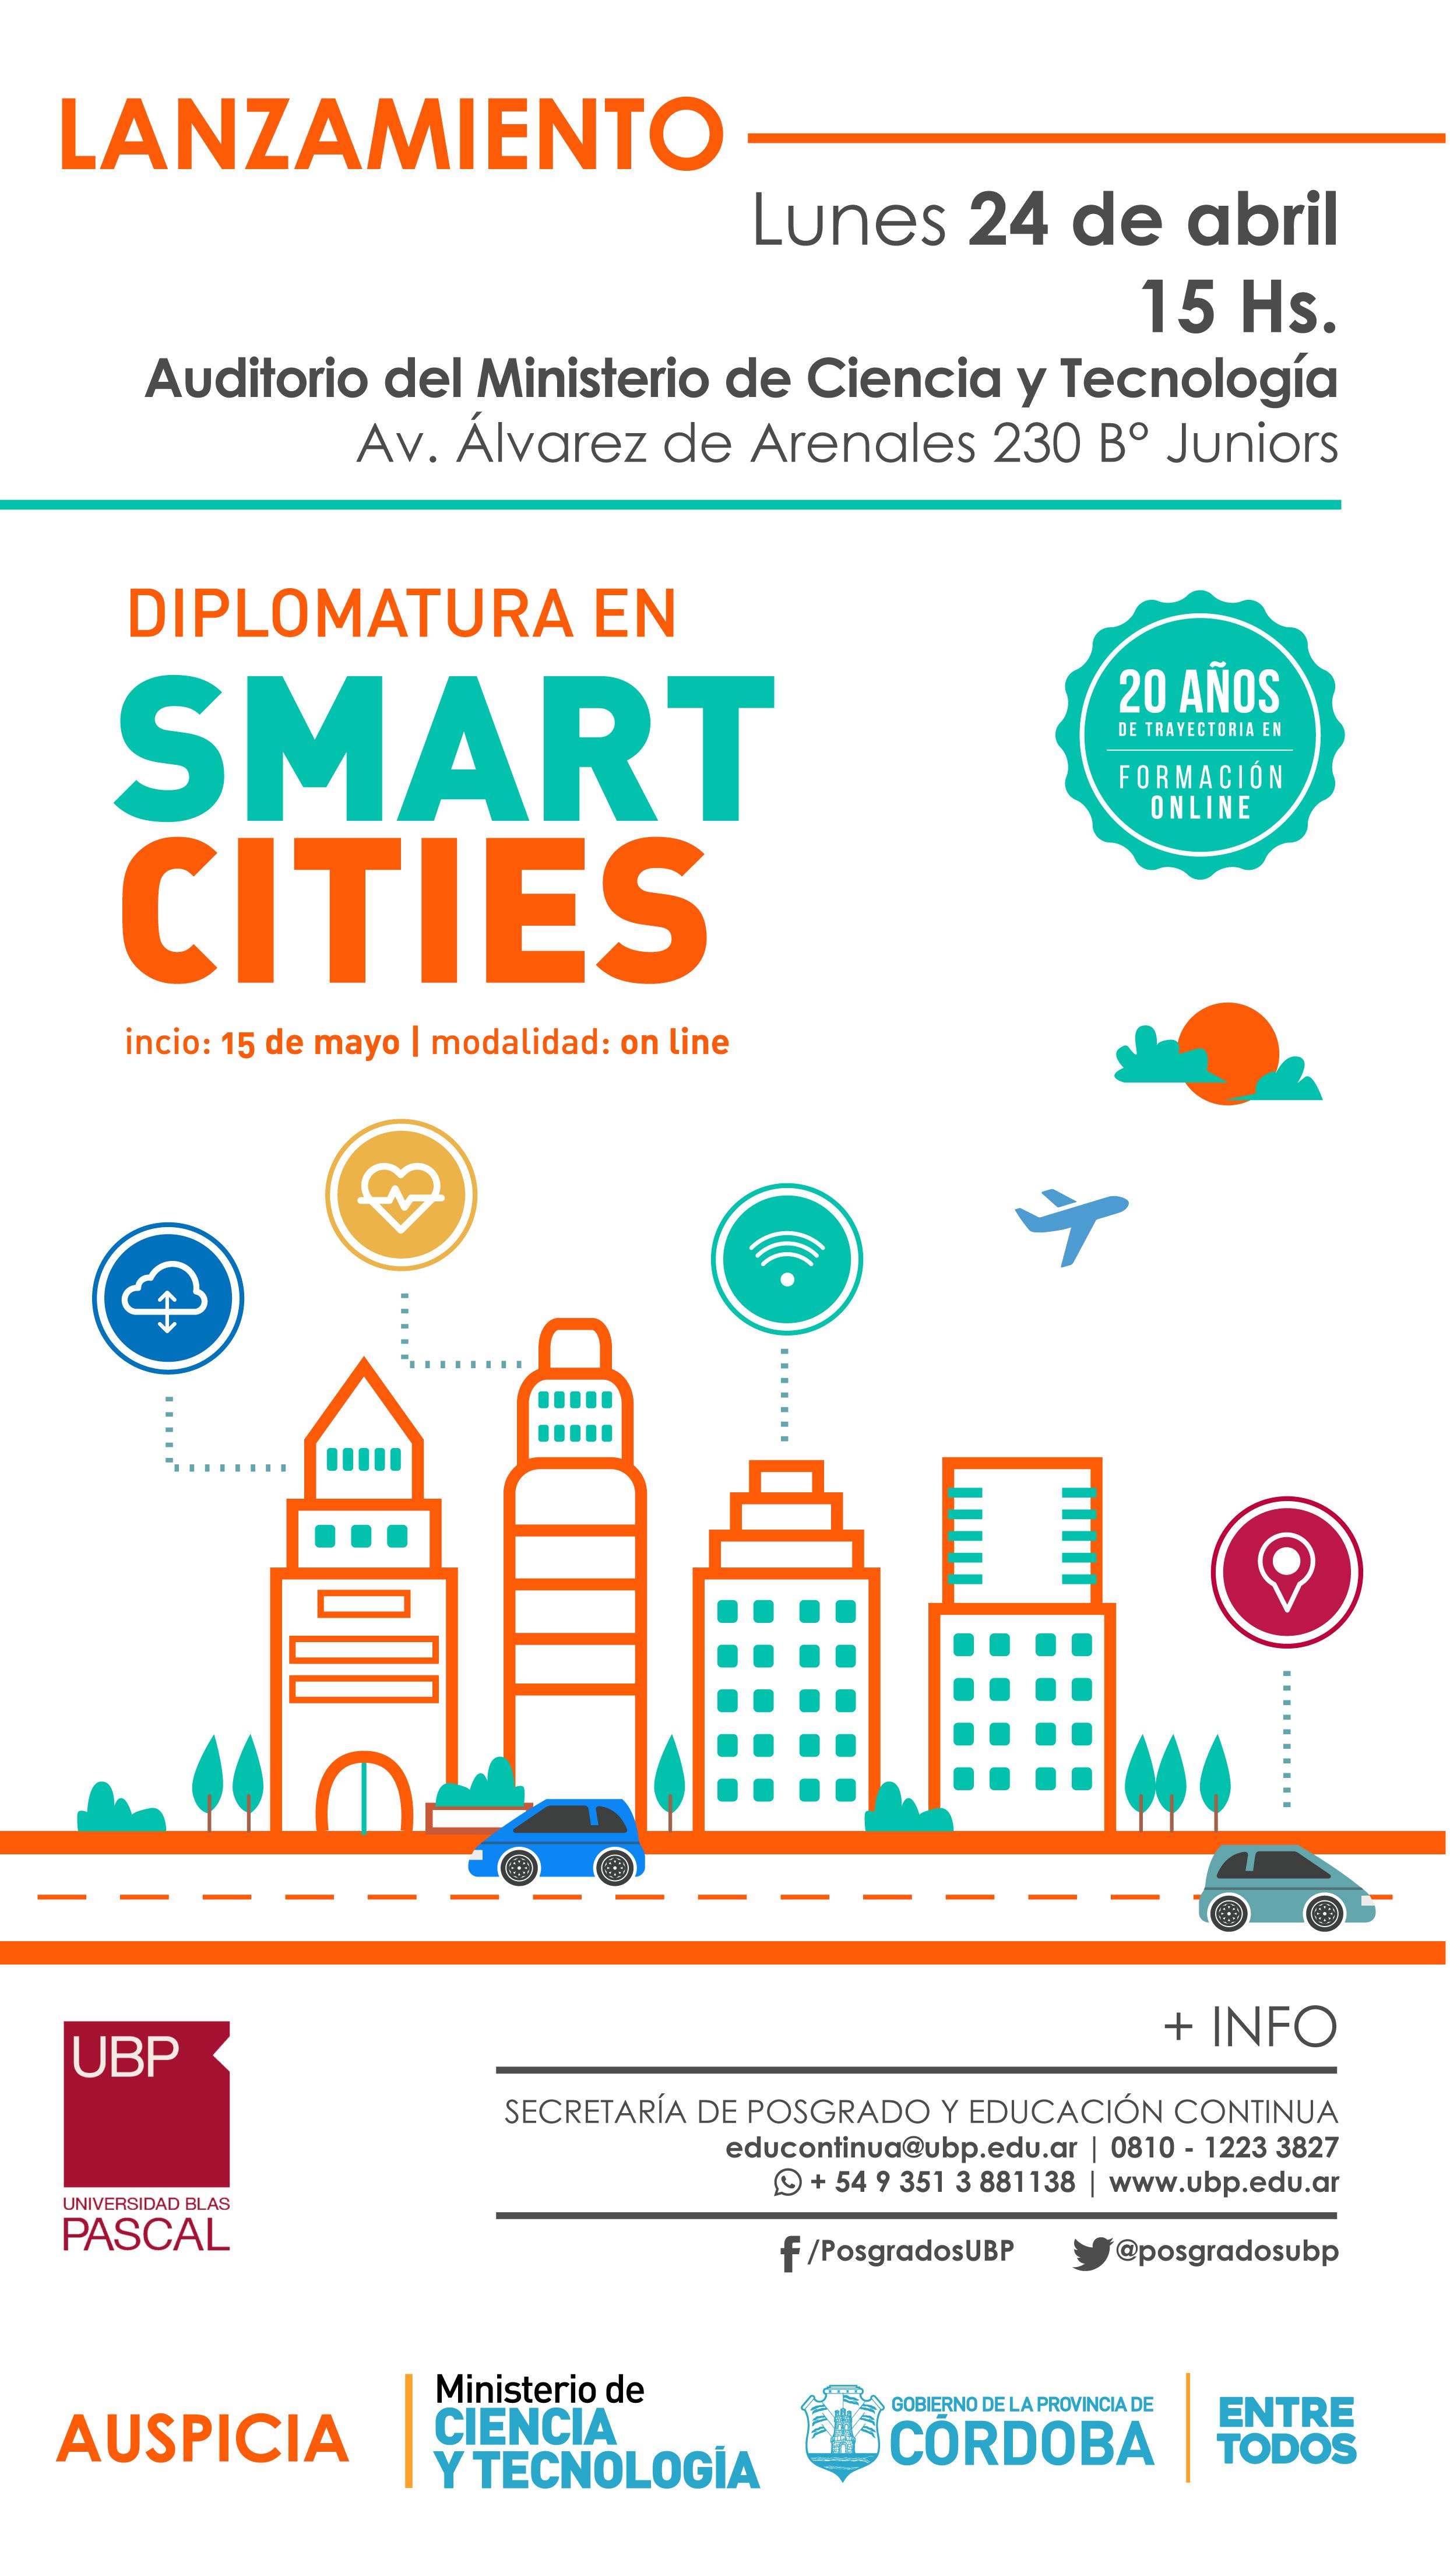 Lanzamiento Diplomatura en Smart Cities